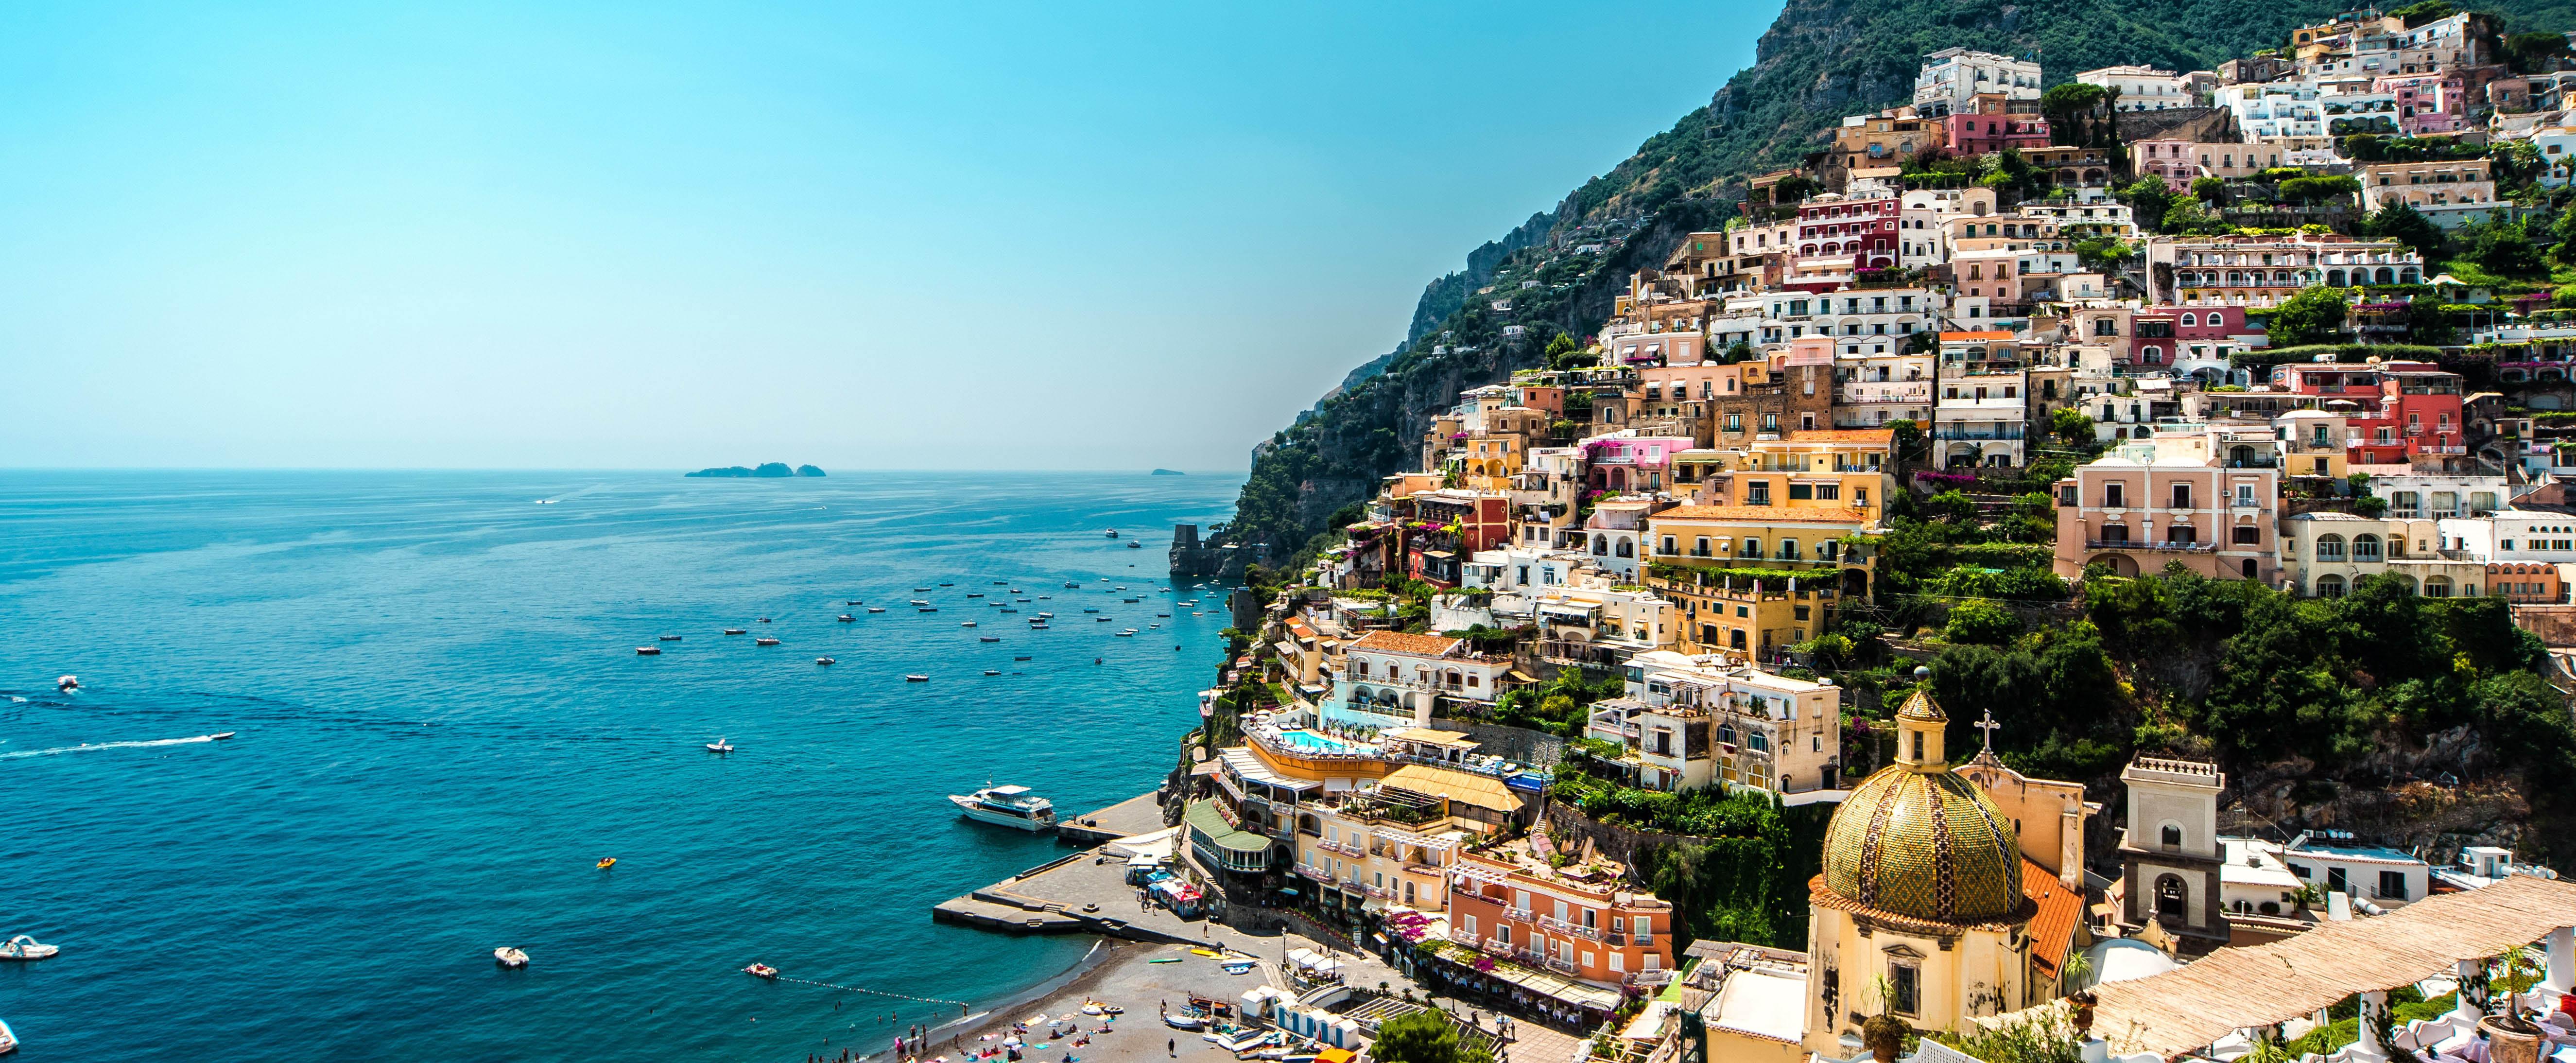 Amalfi coast self guided walking holiday explore italy 39 s for Amalfi coast cuisine